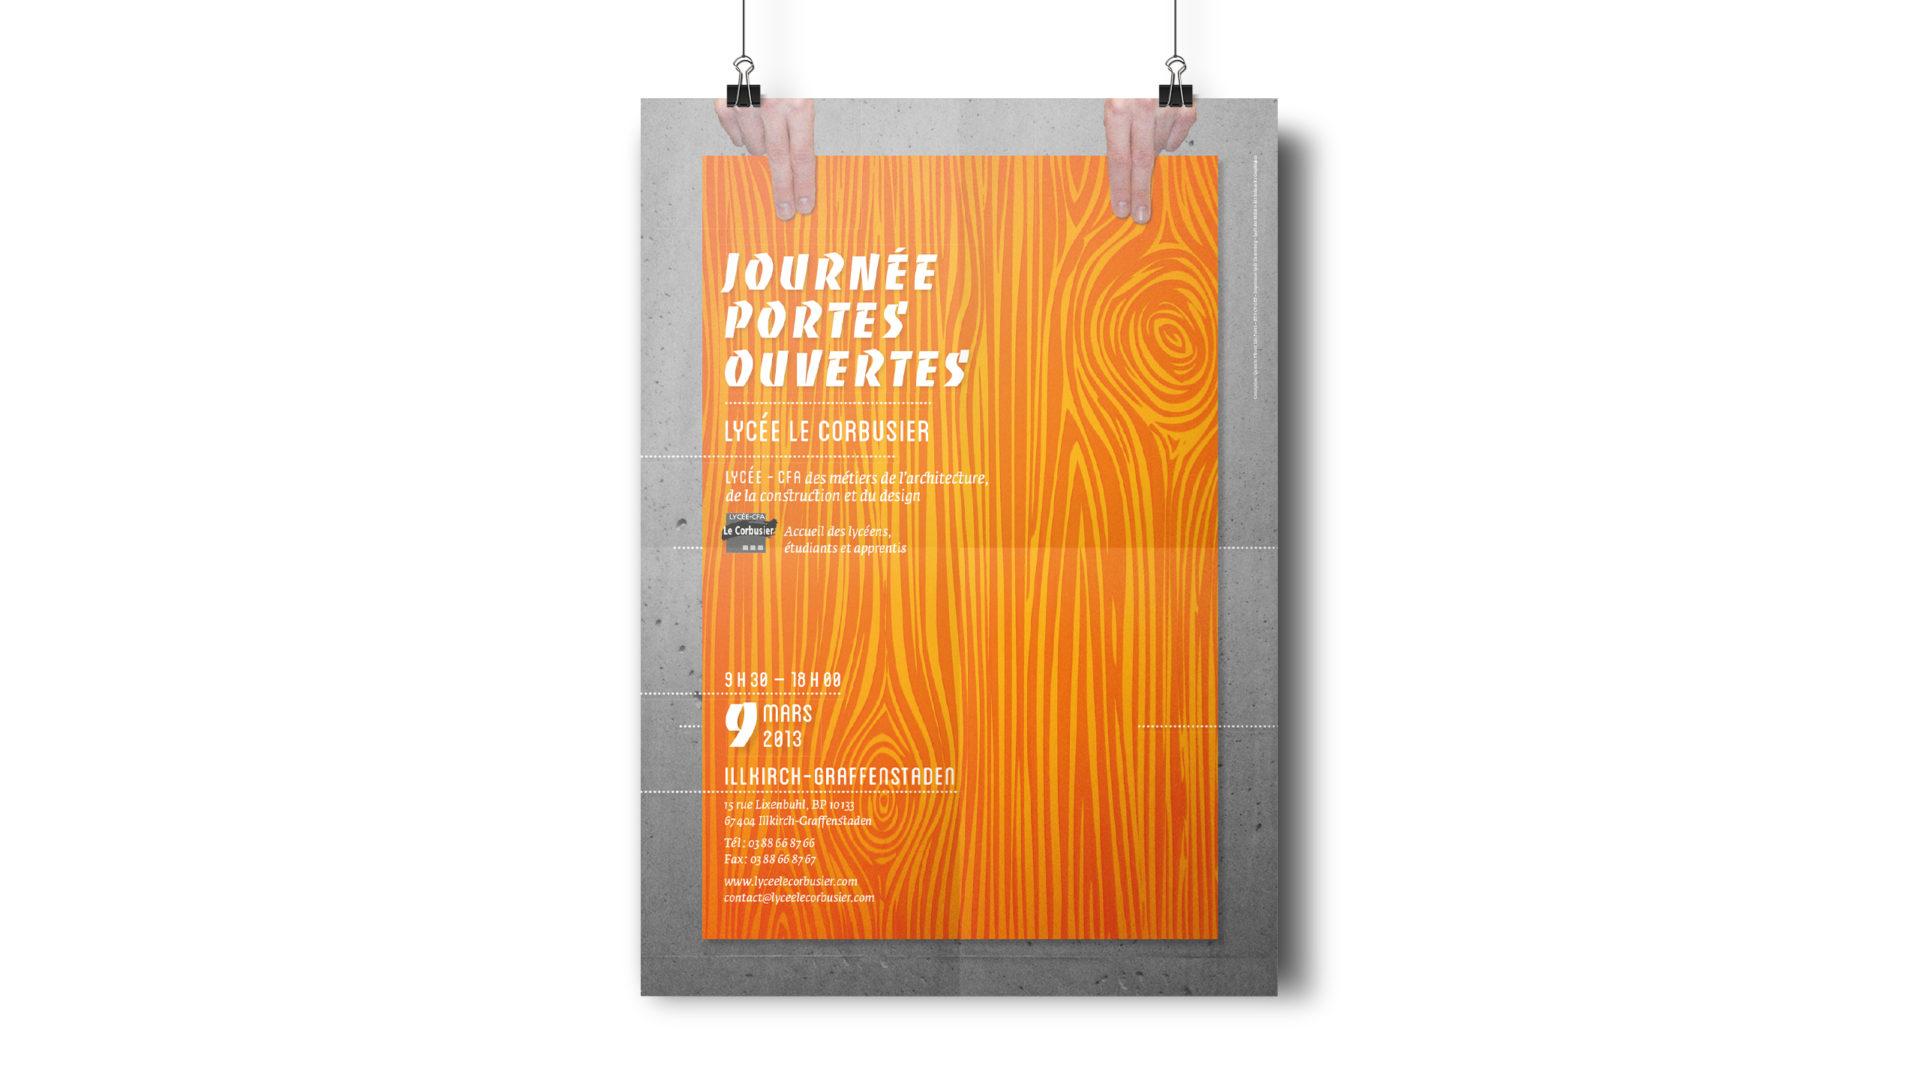 Affiche des journées portes ouvertes dy Lycée le Corbusier.